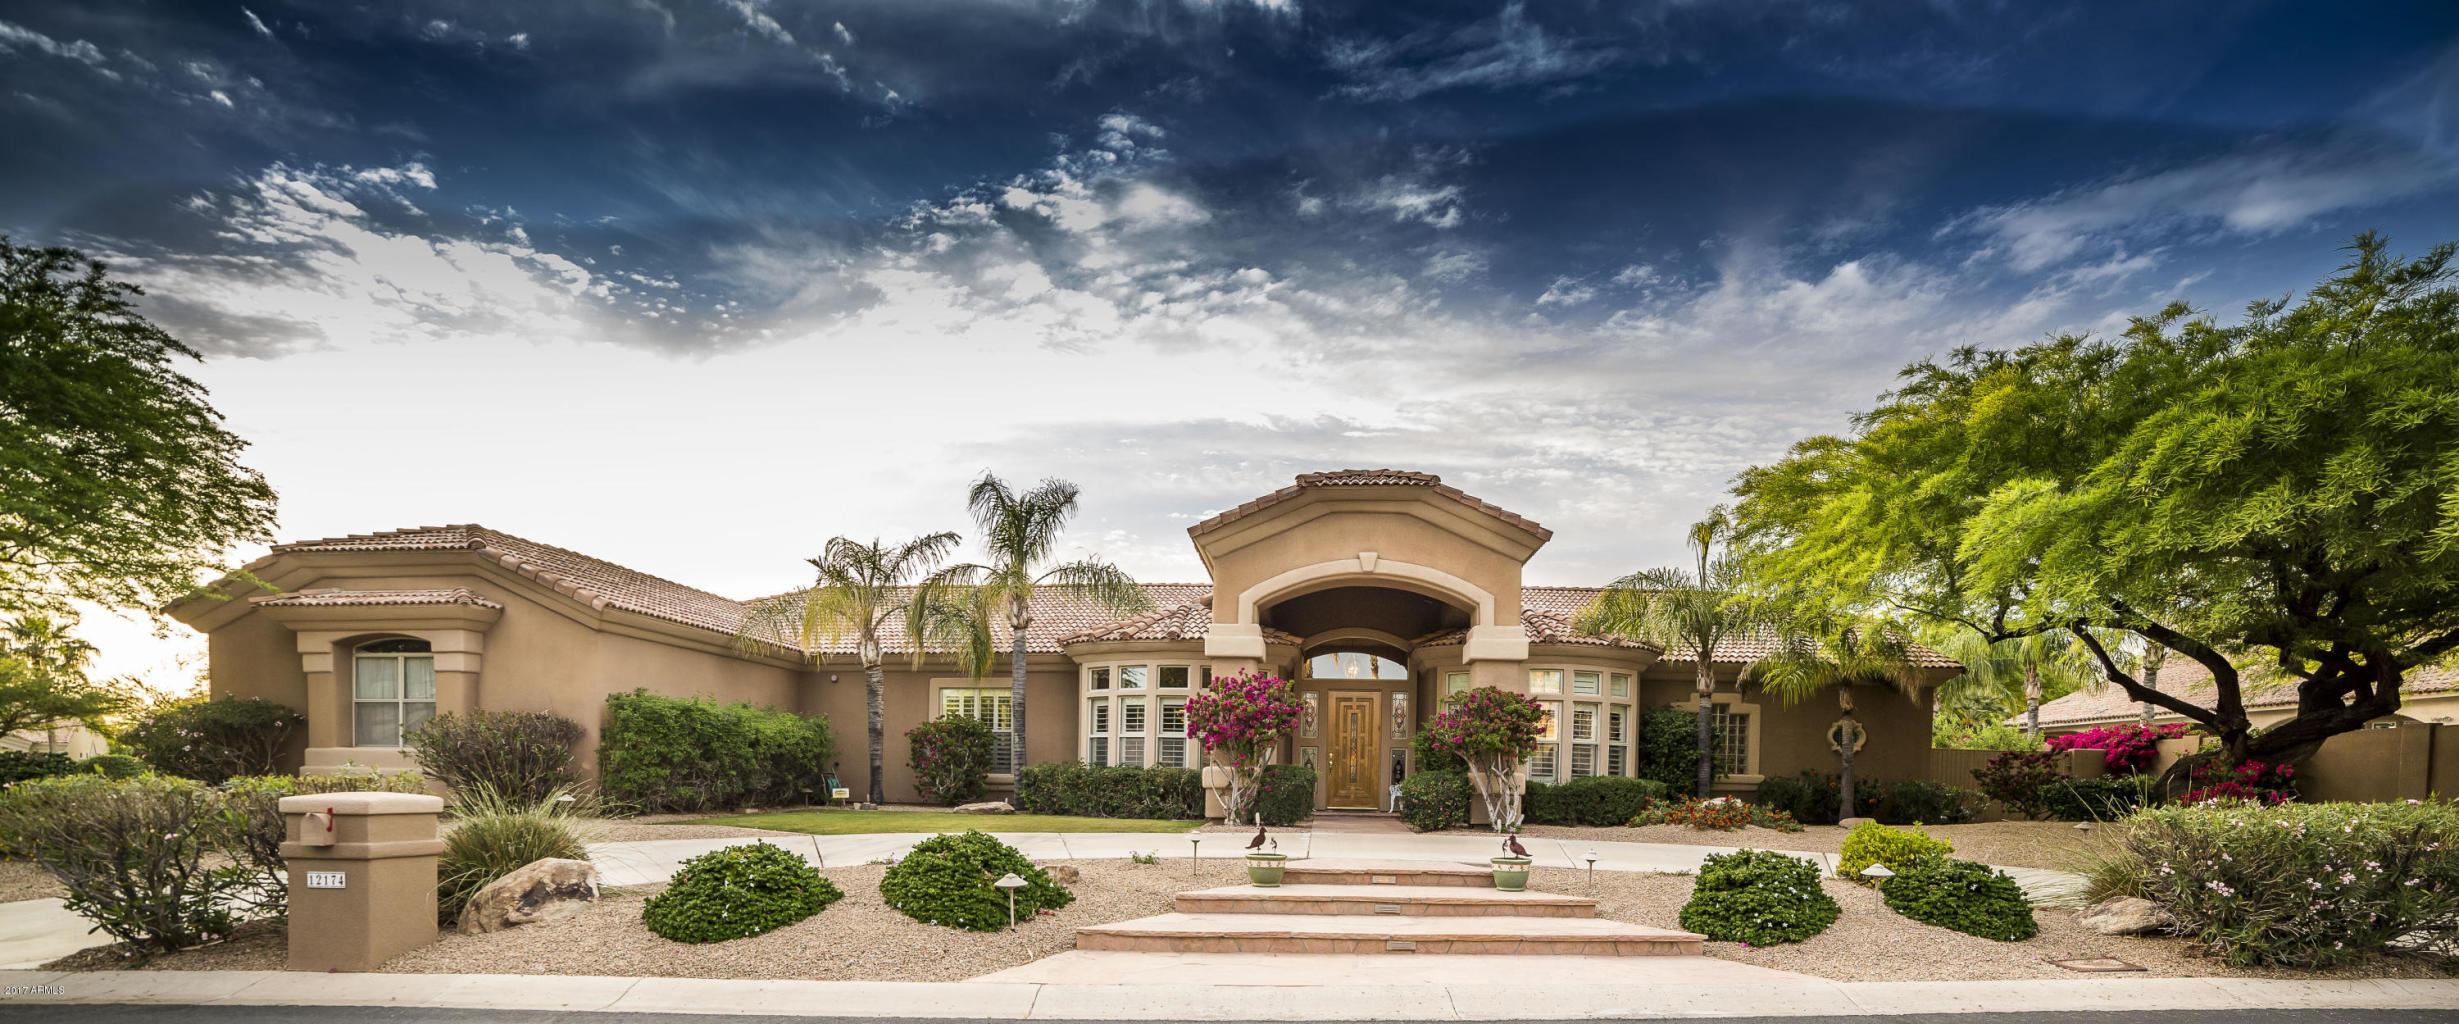 12174 E Ironwood Dr, Scottsdale | $820,000